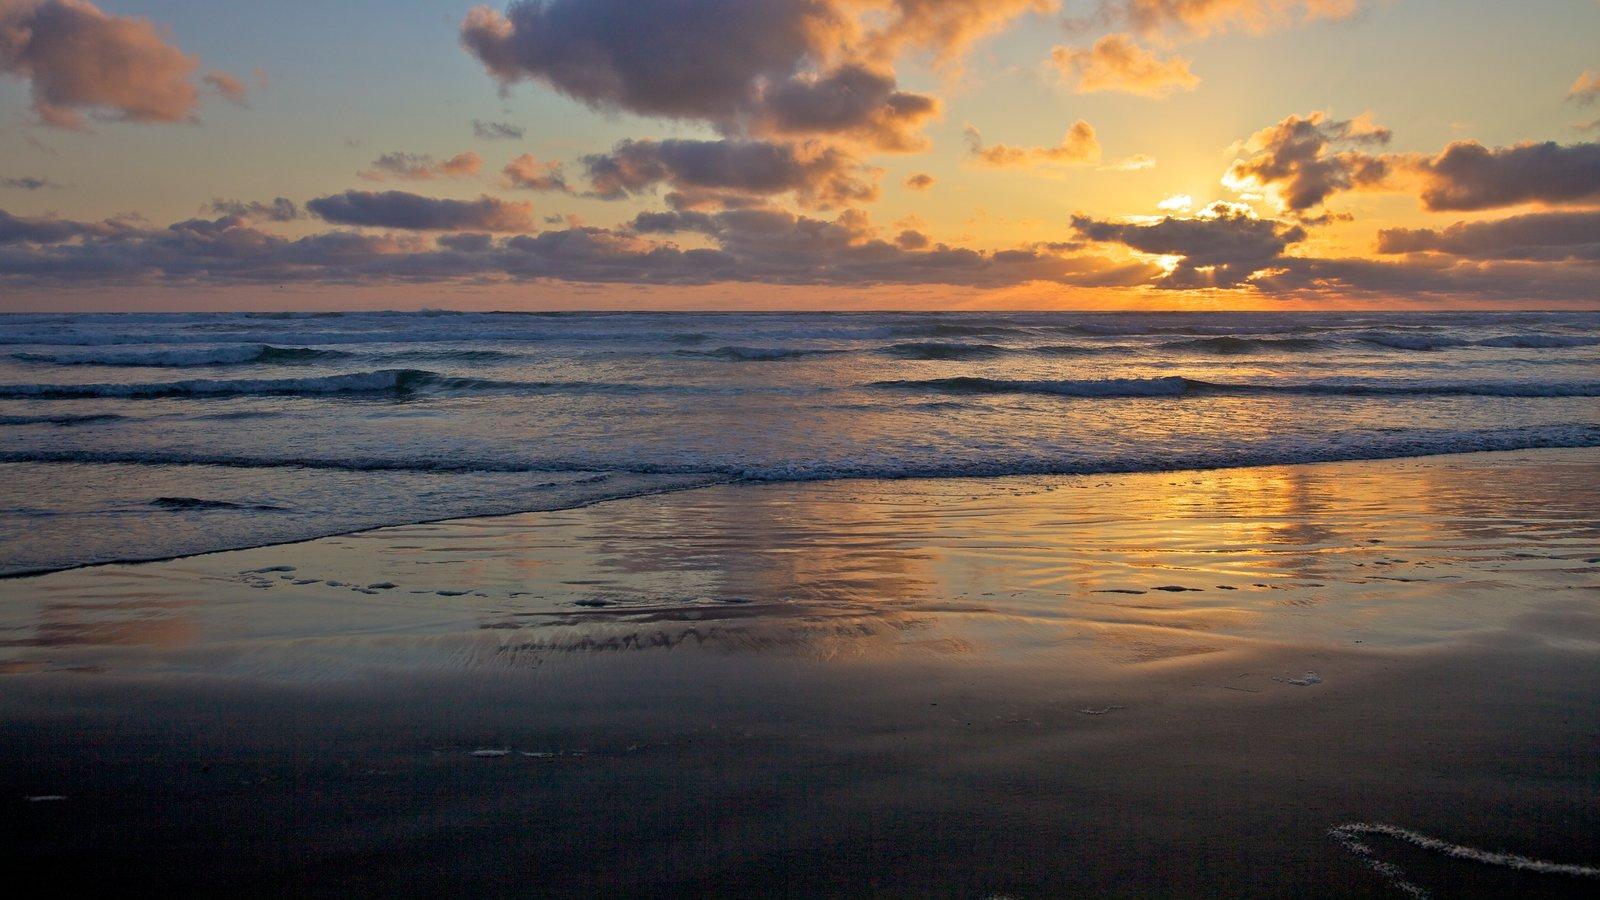 Cannon Beach ofreciendo una puesta de sol, una playa de arena y vistas de paisajes